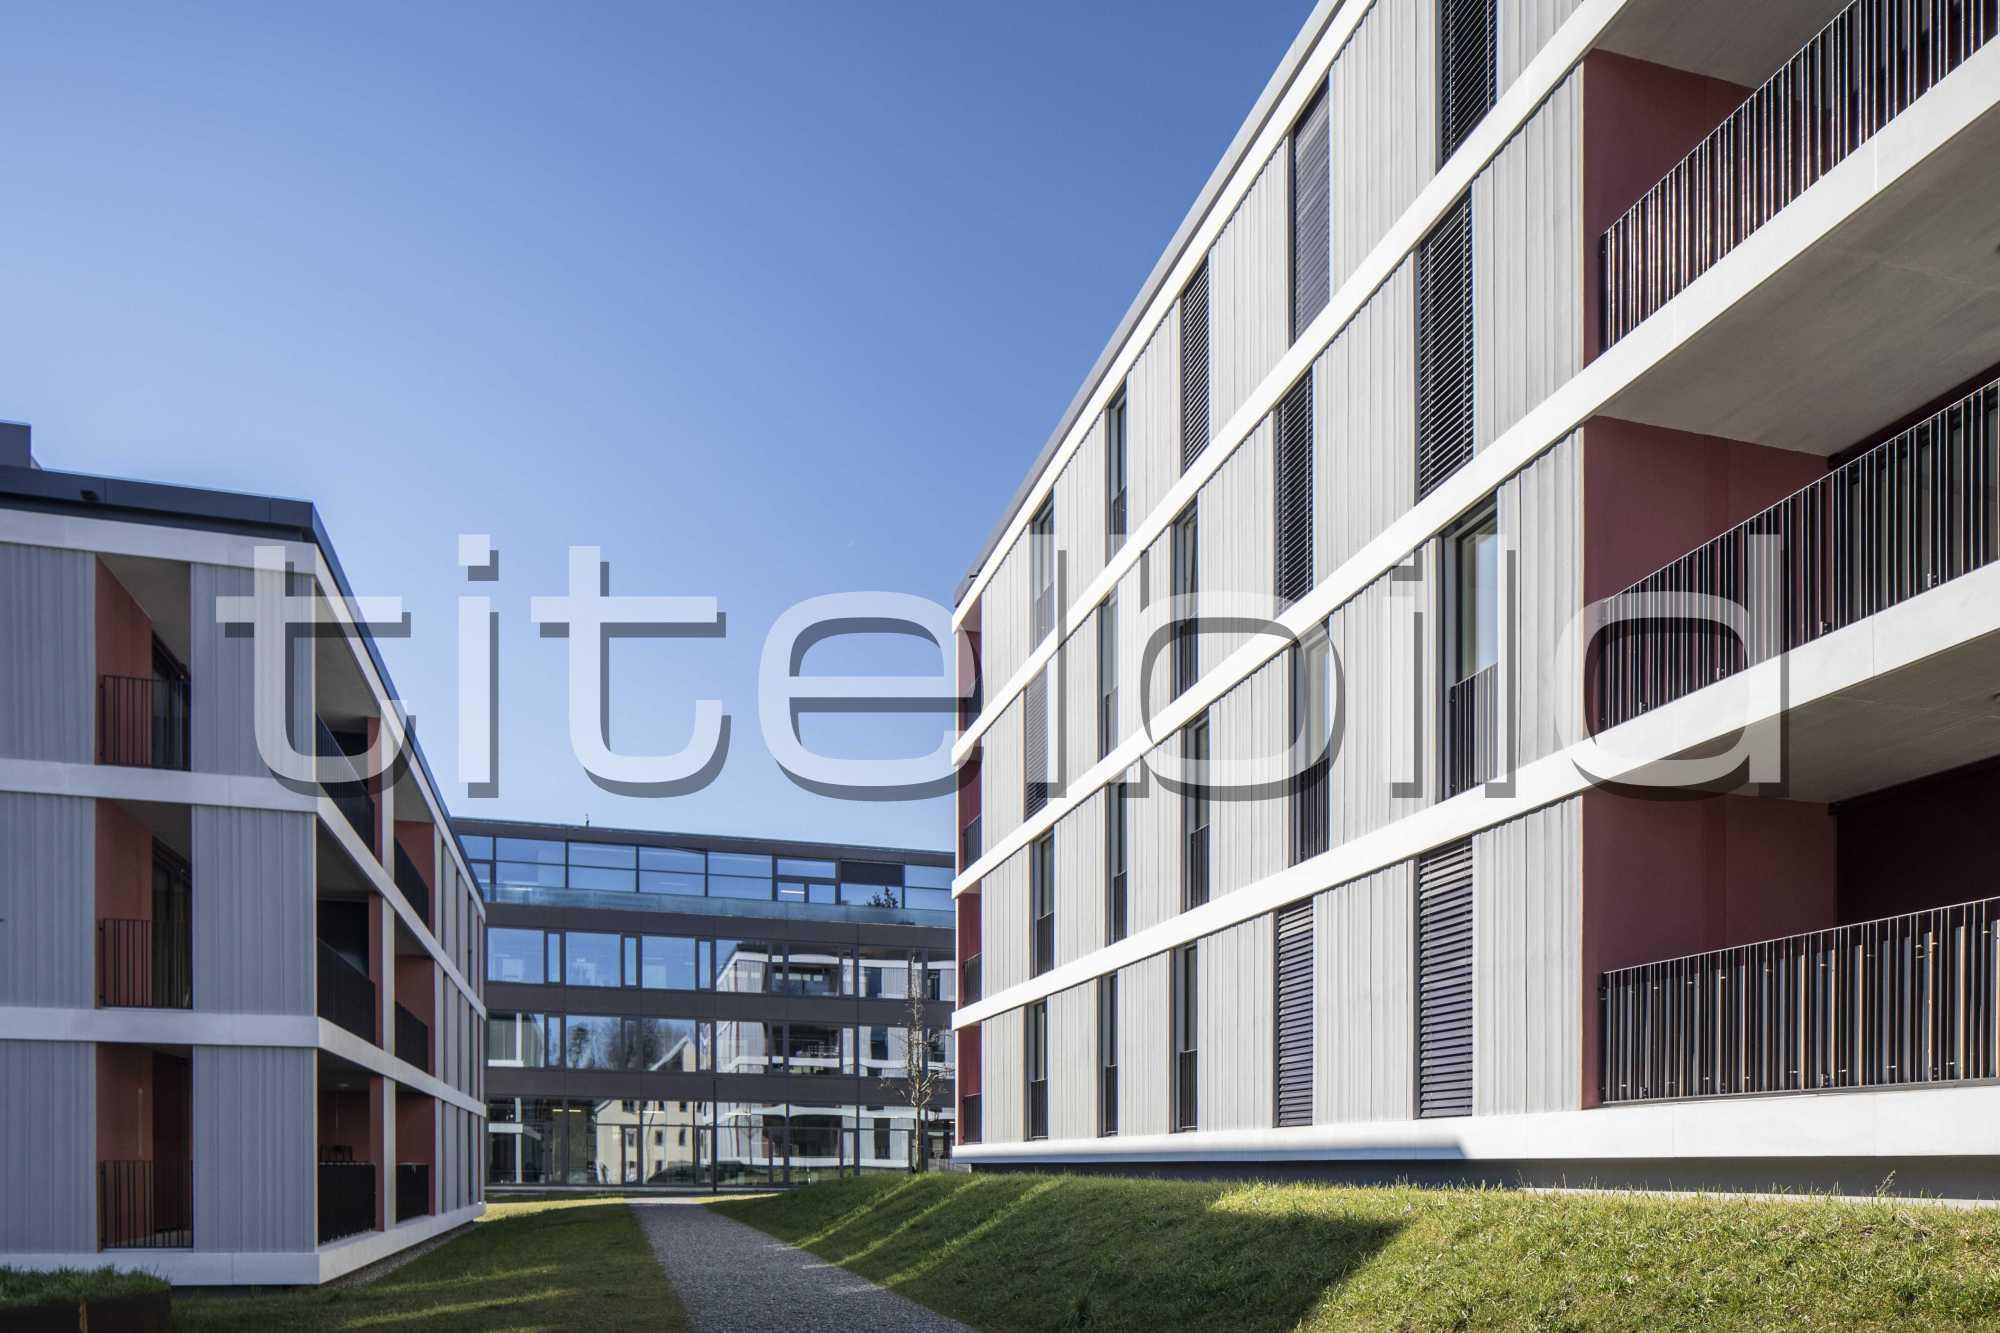 Projektbild-Nr. 2: Esslinger Dreieck